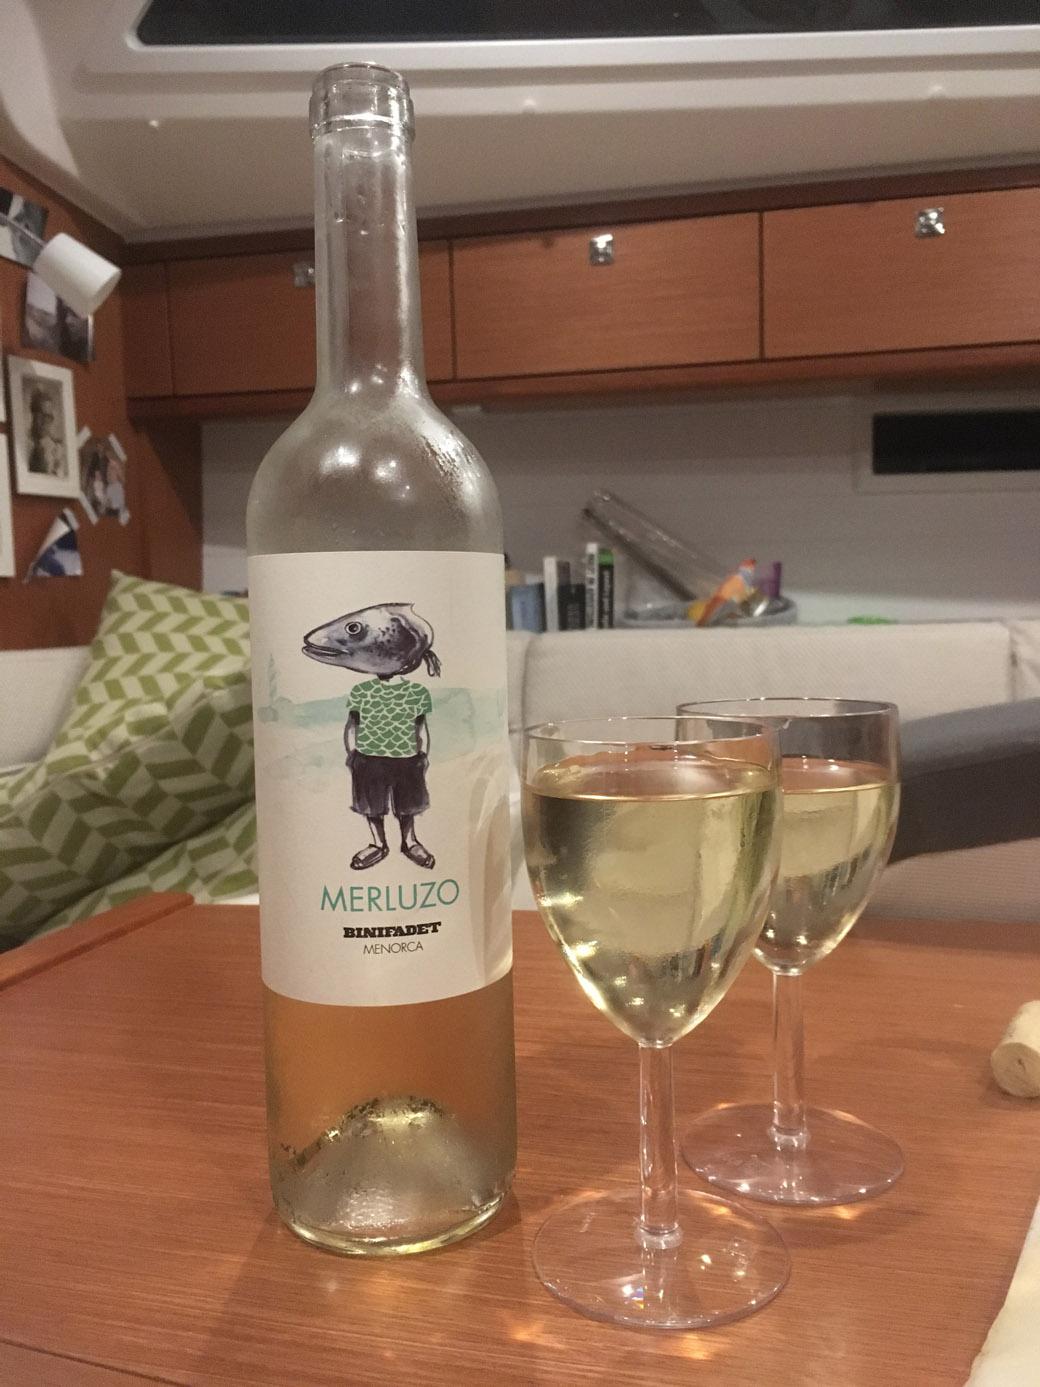 Für unsere Hilfe haben uns die Honeymooner einen Wein mit schönem Etikett geschenkt. Hat auch gut geschmeckt ;).